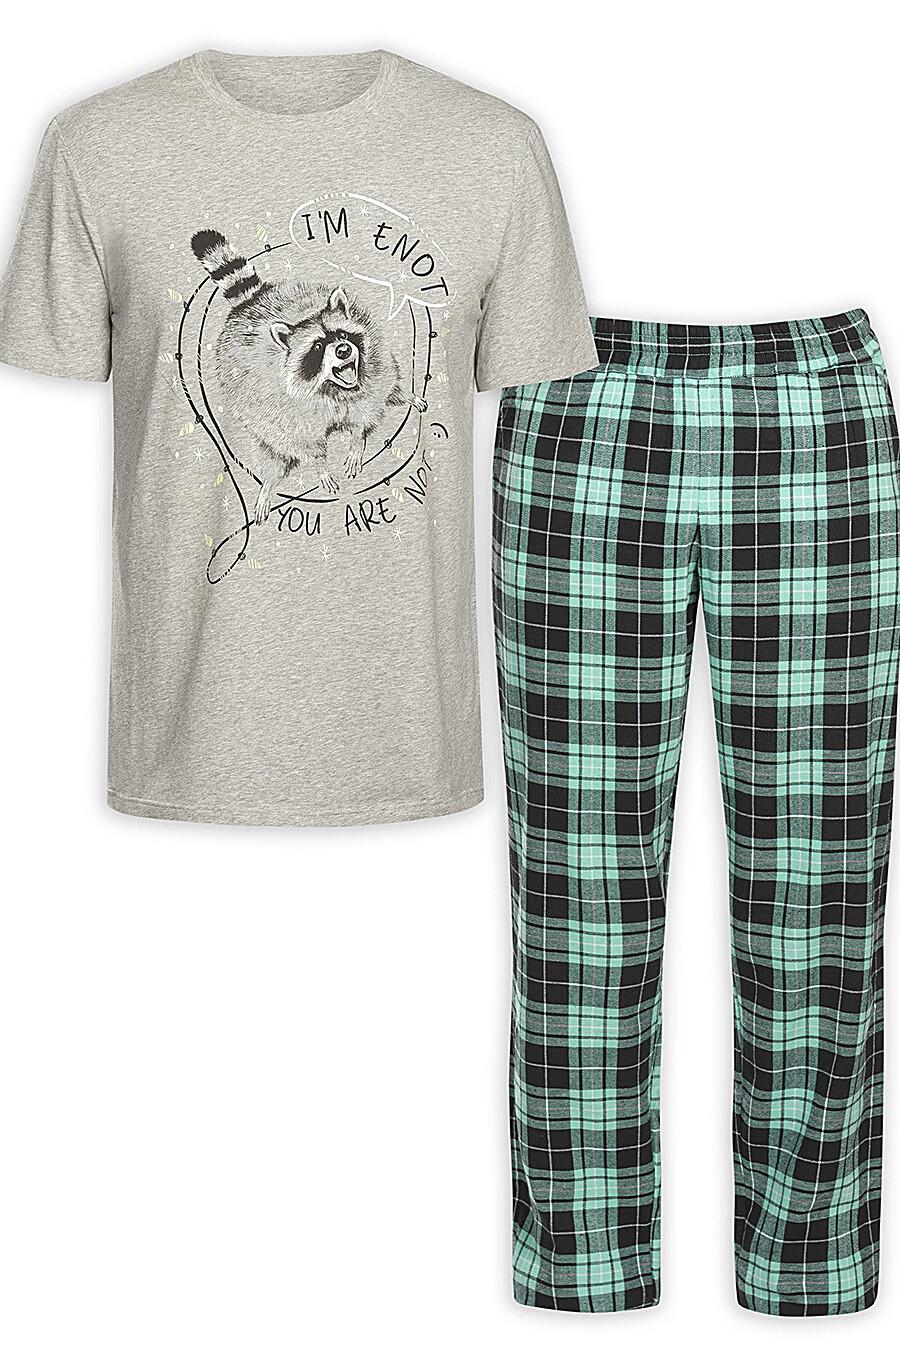 Комплект для мужчин PELICAN 161496 купить оптом от производителя. Совместная покупка мужской одежды в OptMoyo